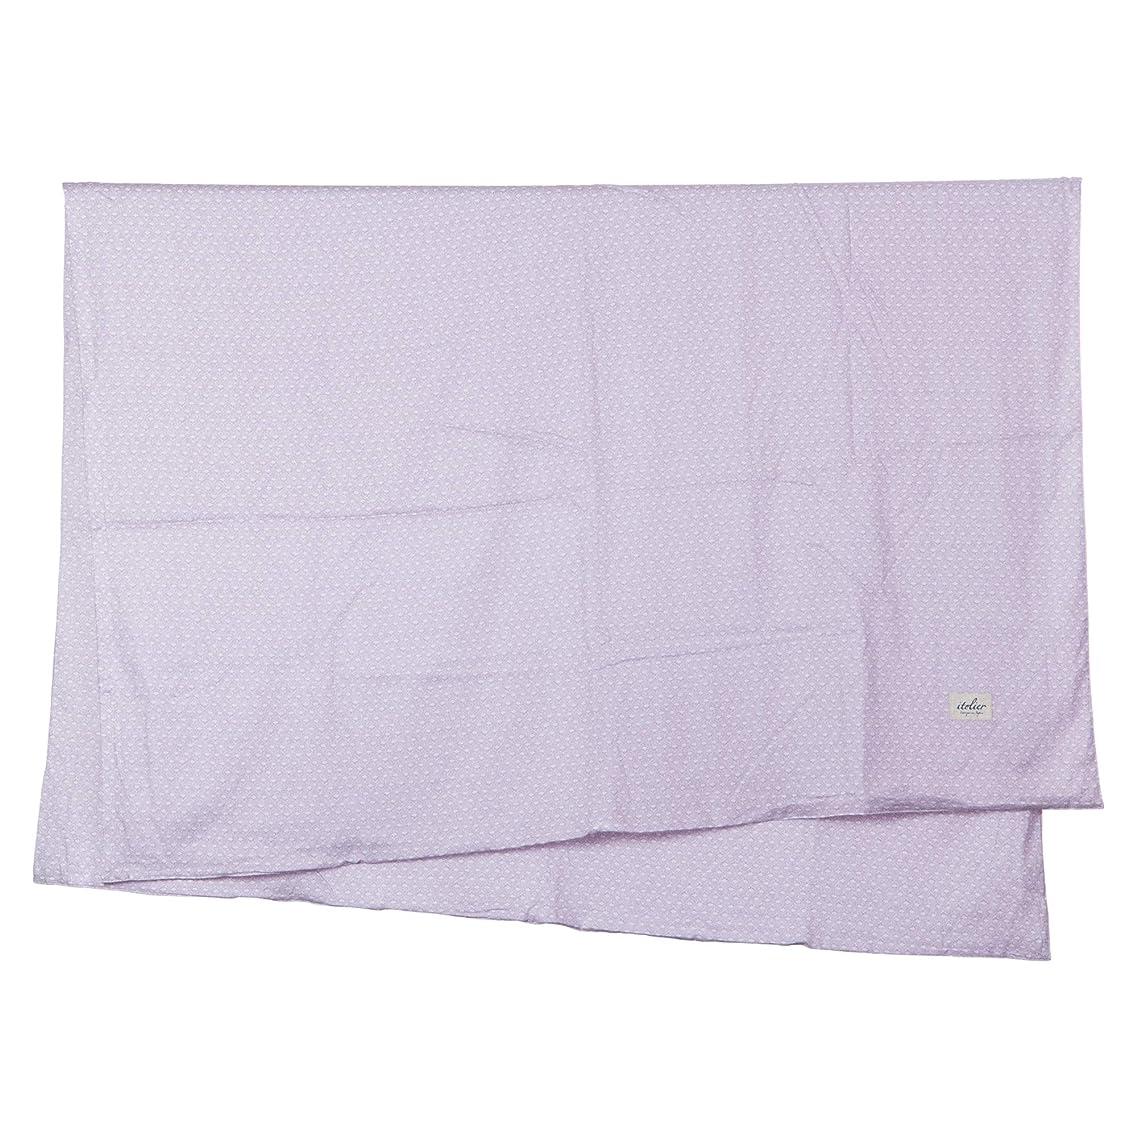 実際の赤字平手打ち西川(Nishikawa) 掛け布団カバー ピンク シングル イトリエ しなやか コットン リヨセル 日本製 着脱簡単 PI09850040P